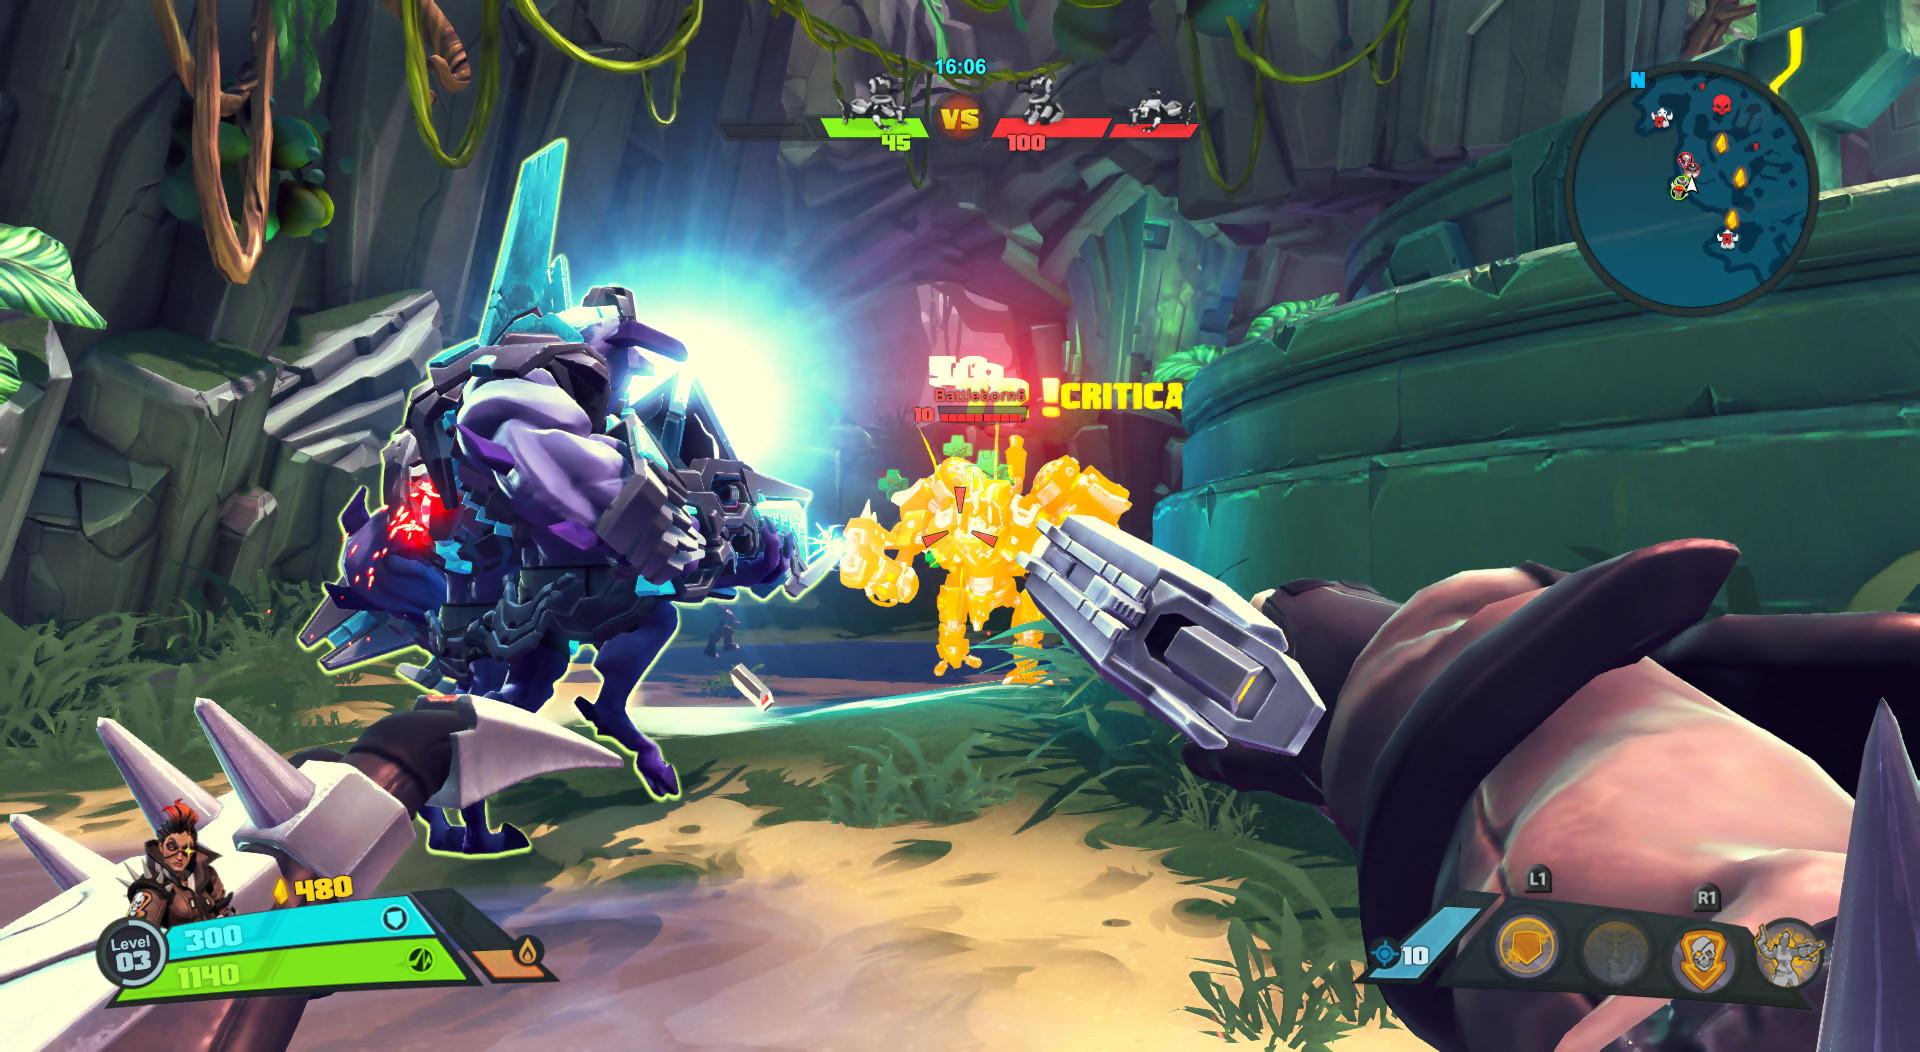 [PJ] Le jeu des images de Jeux-Vidéos - Page 25 Battleborn-56e18d1acba8d